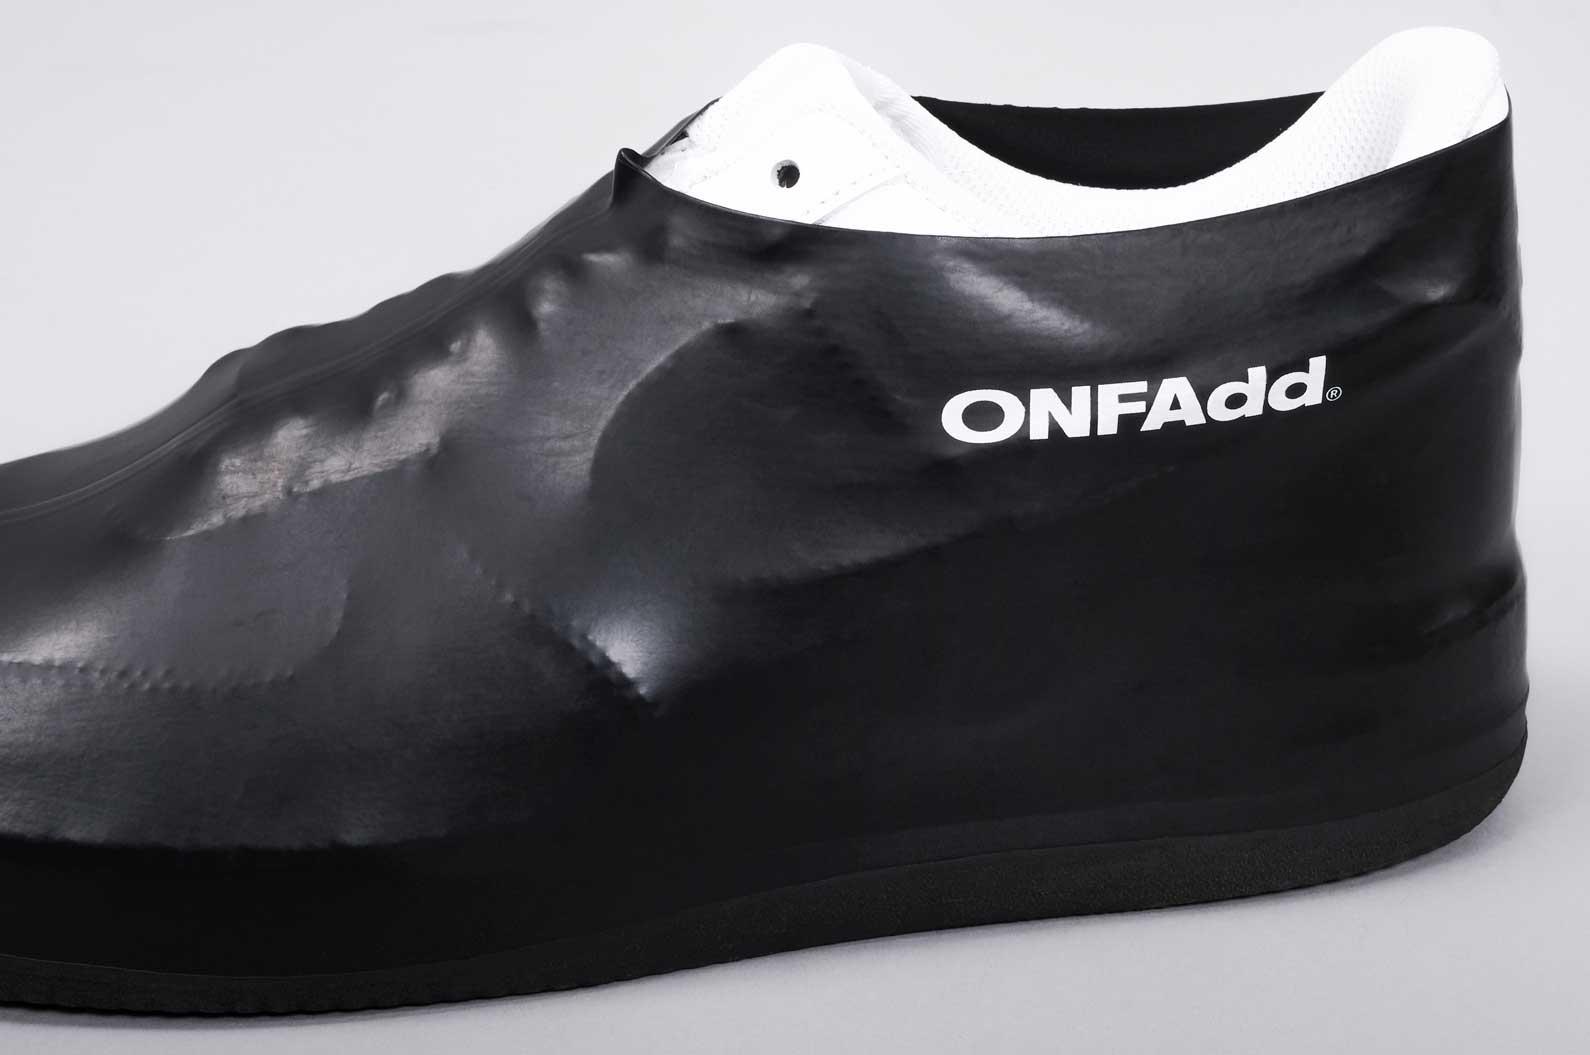 Regensocken zum Schutz eurer Sneaker sneakersocken-onfadd_07